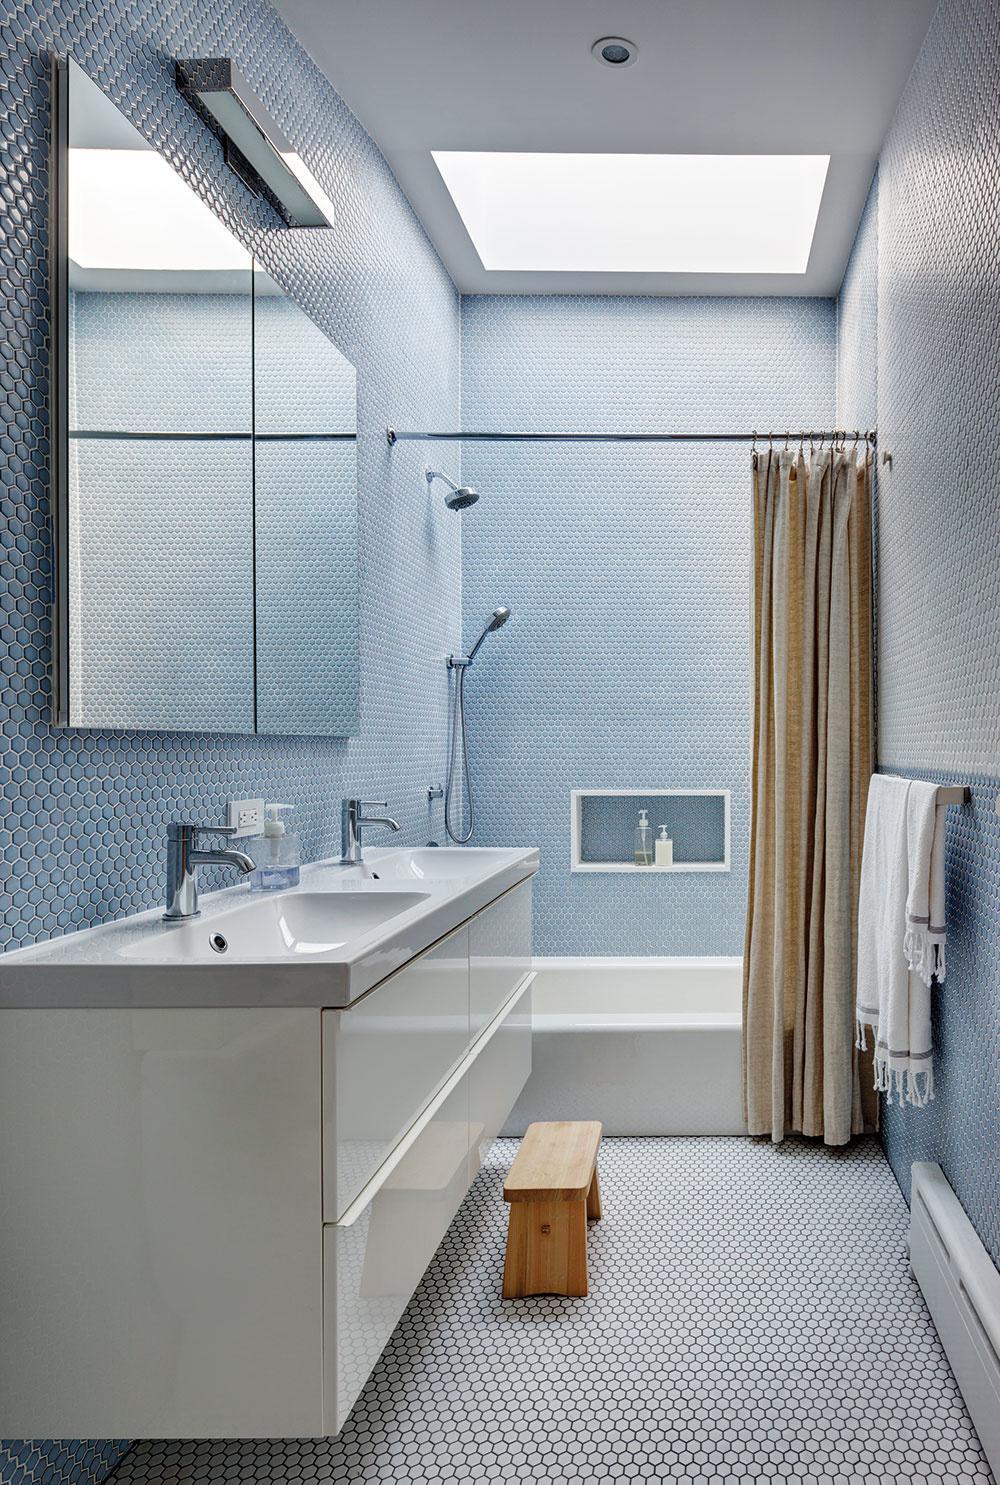 Kúpeľne sú vdome úzke atakýmto priestorom pristane striedmosť asvetlo. To prvé zabezpečilo jednoduché zariadenie ajemná mozaika vtónoch bielej amodrej, odruhé sa aj vhĺbke dispozície spoľahlivo postaral strešný svetlík.